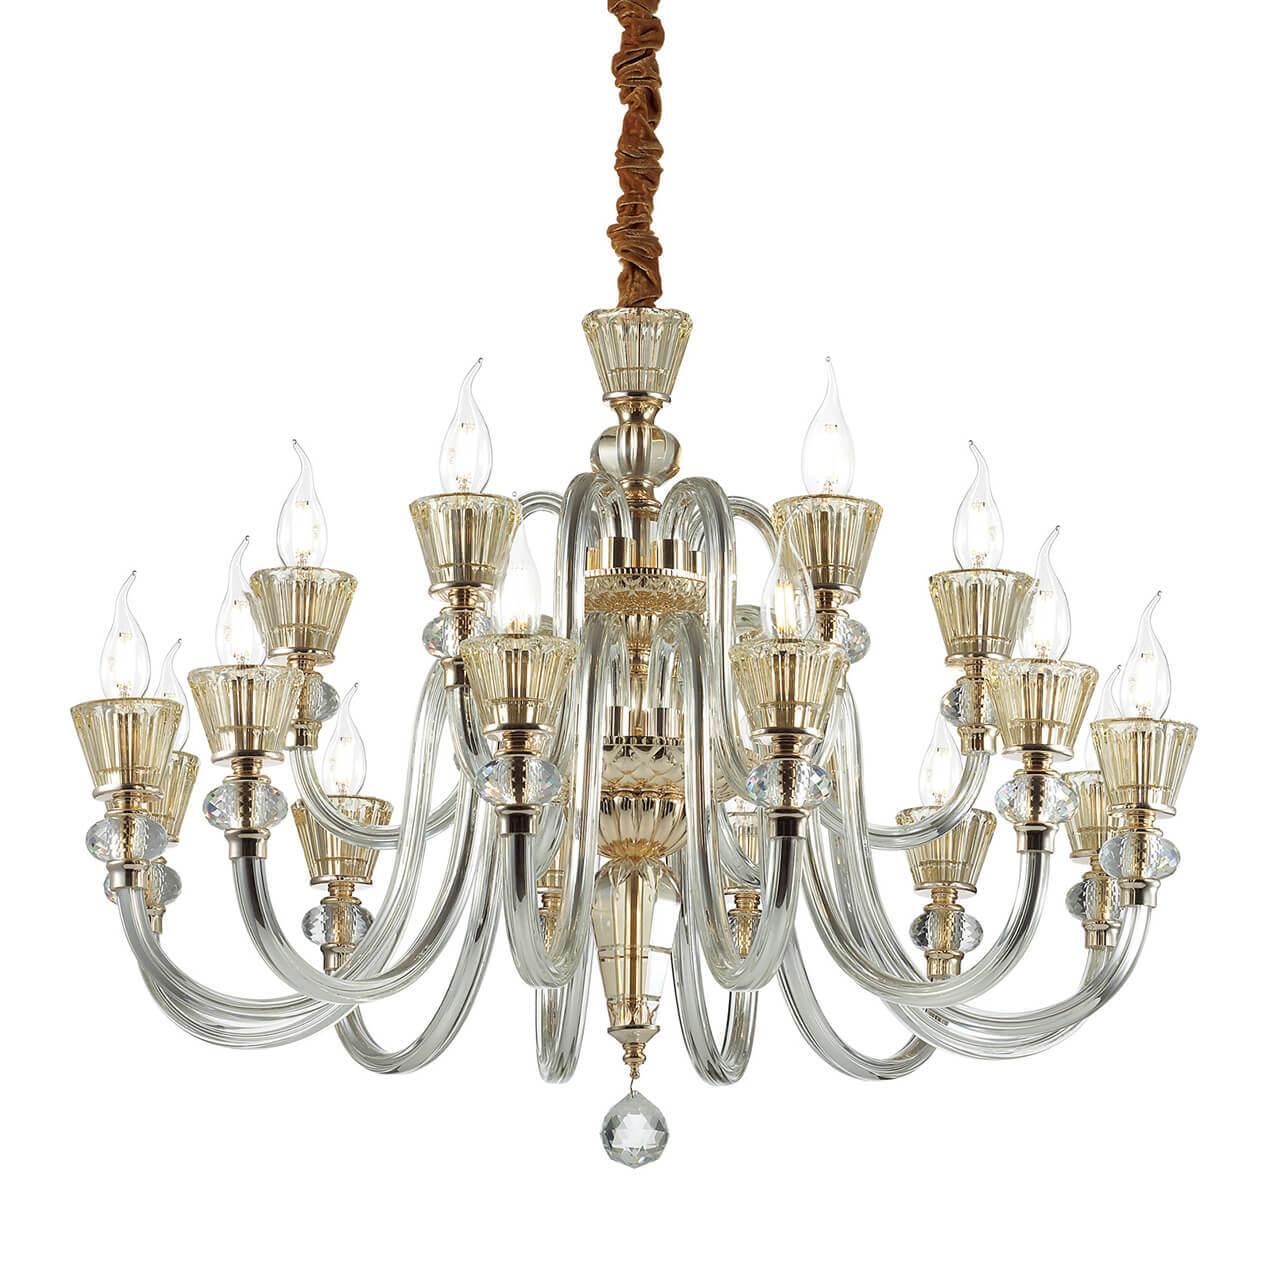 Подвесная люстра Ideal Lux Strauss SP18 ideal lux подвесная люстра ideal lux florian sp18 cromo